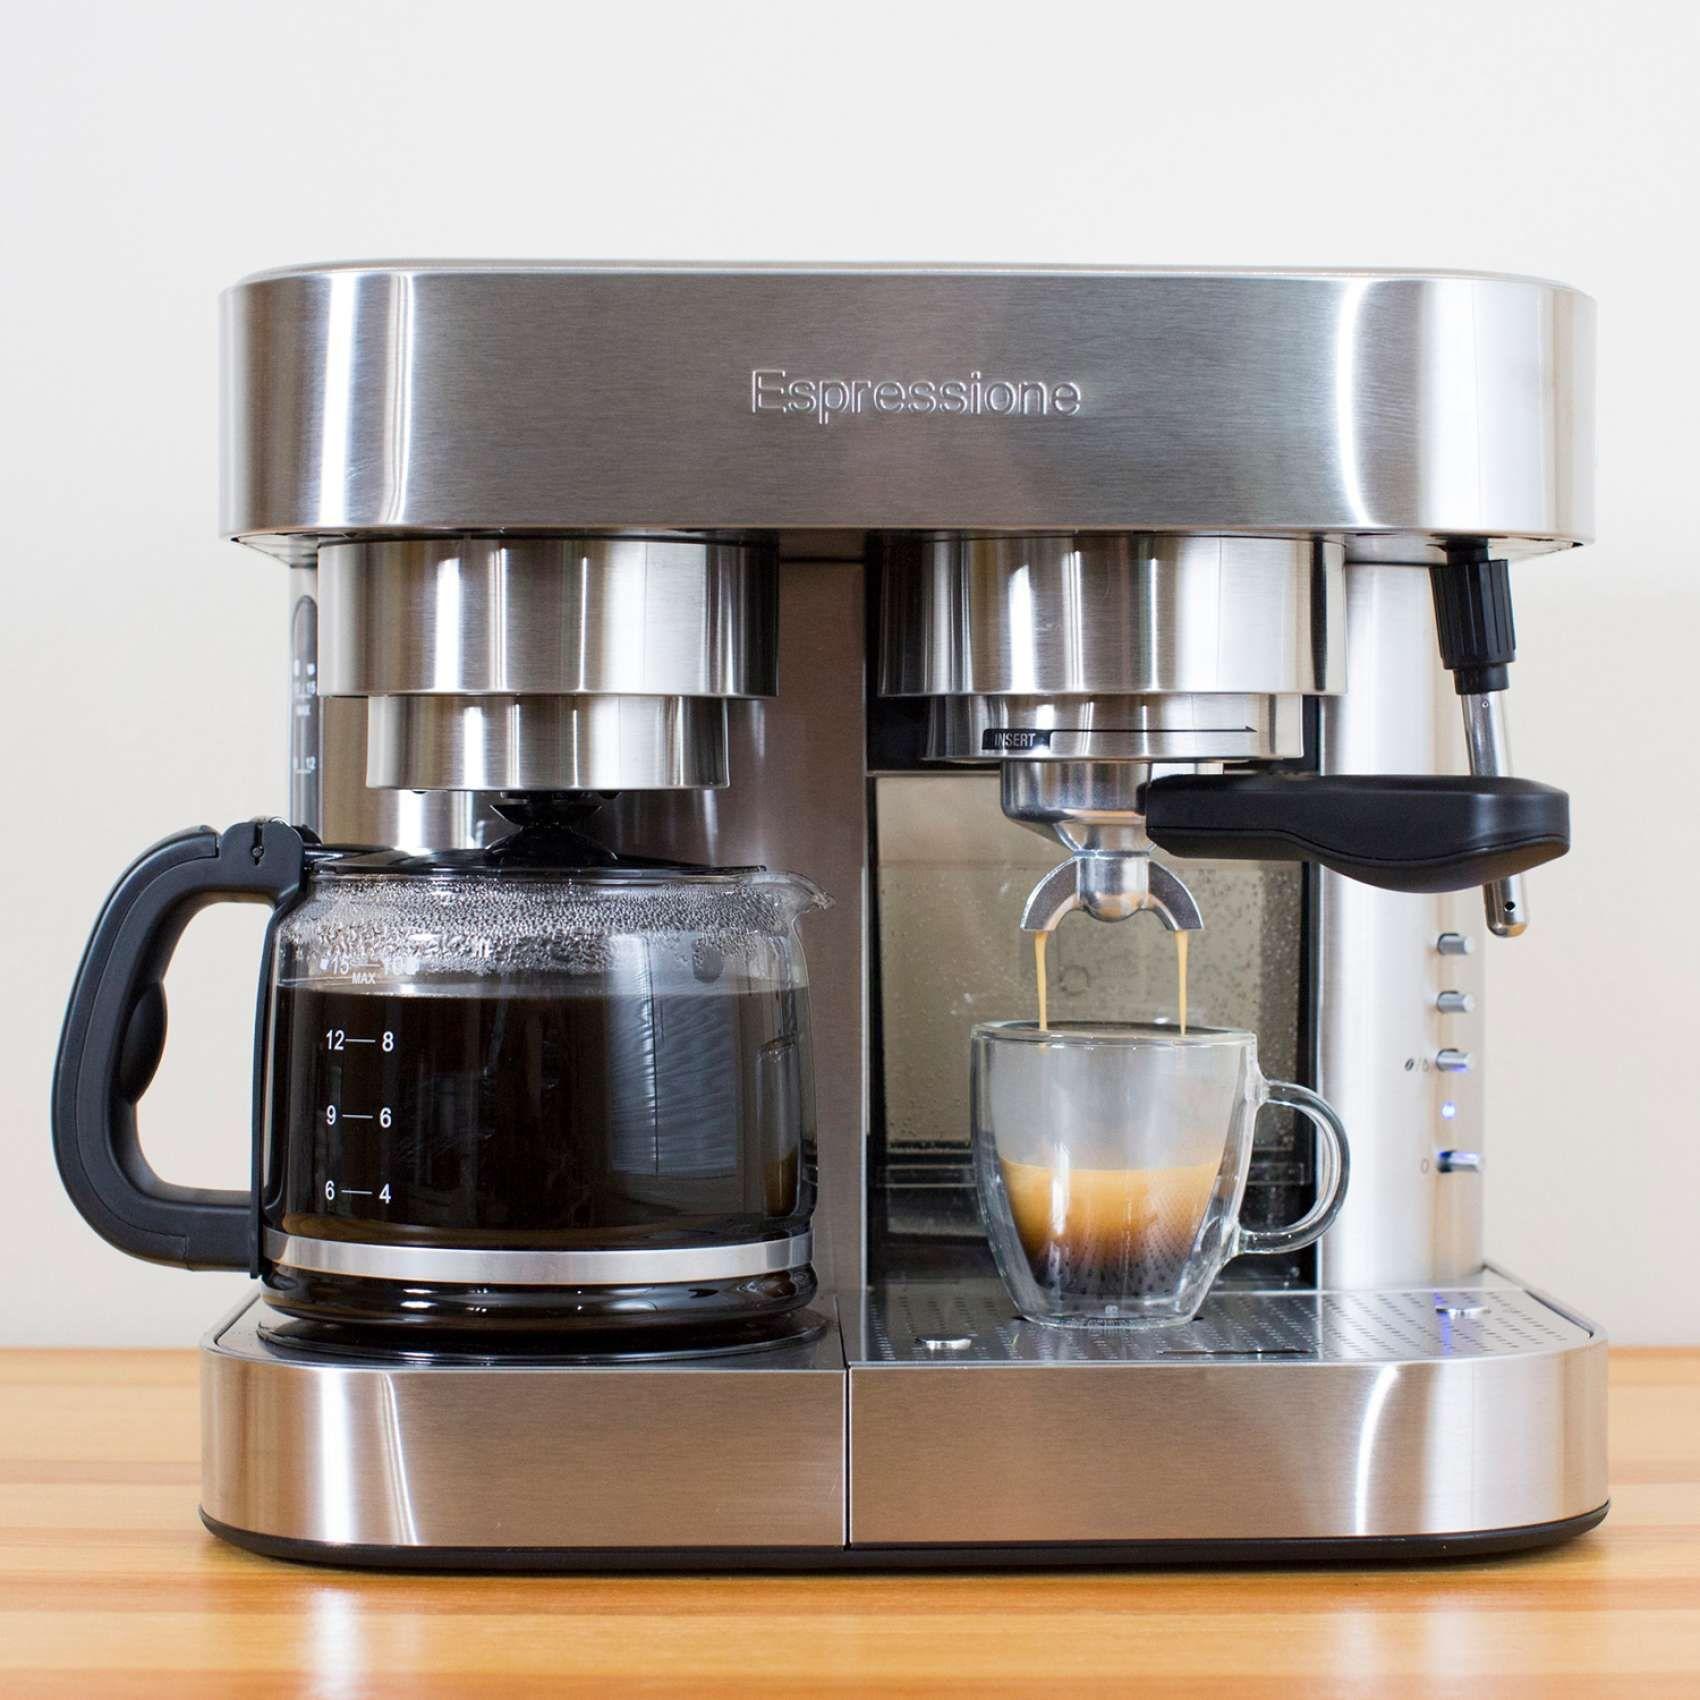 Espressione Em 1040 Combination Espresso Machine And Coffee Maker 10 Cup Sur La Table In 2020 Percolator Coffee Percolator Coffee Maker Best Coffee Maker